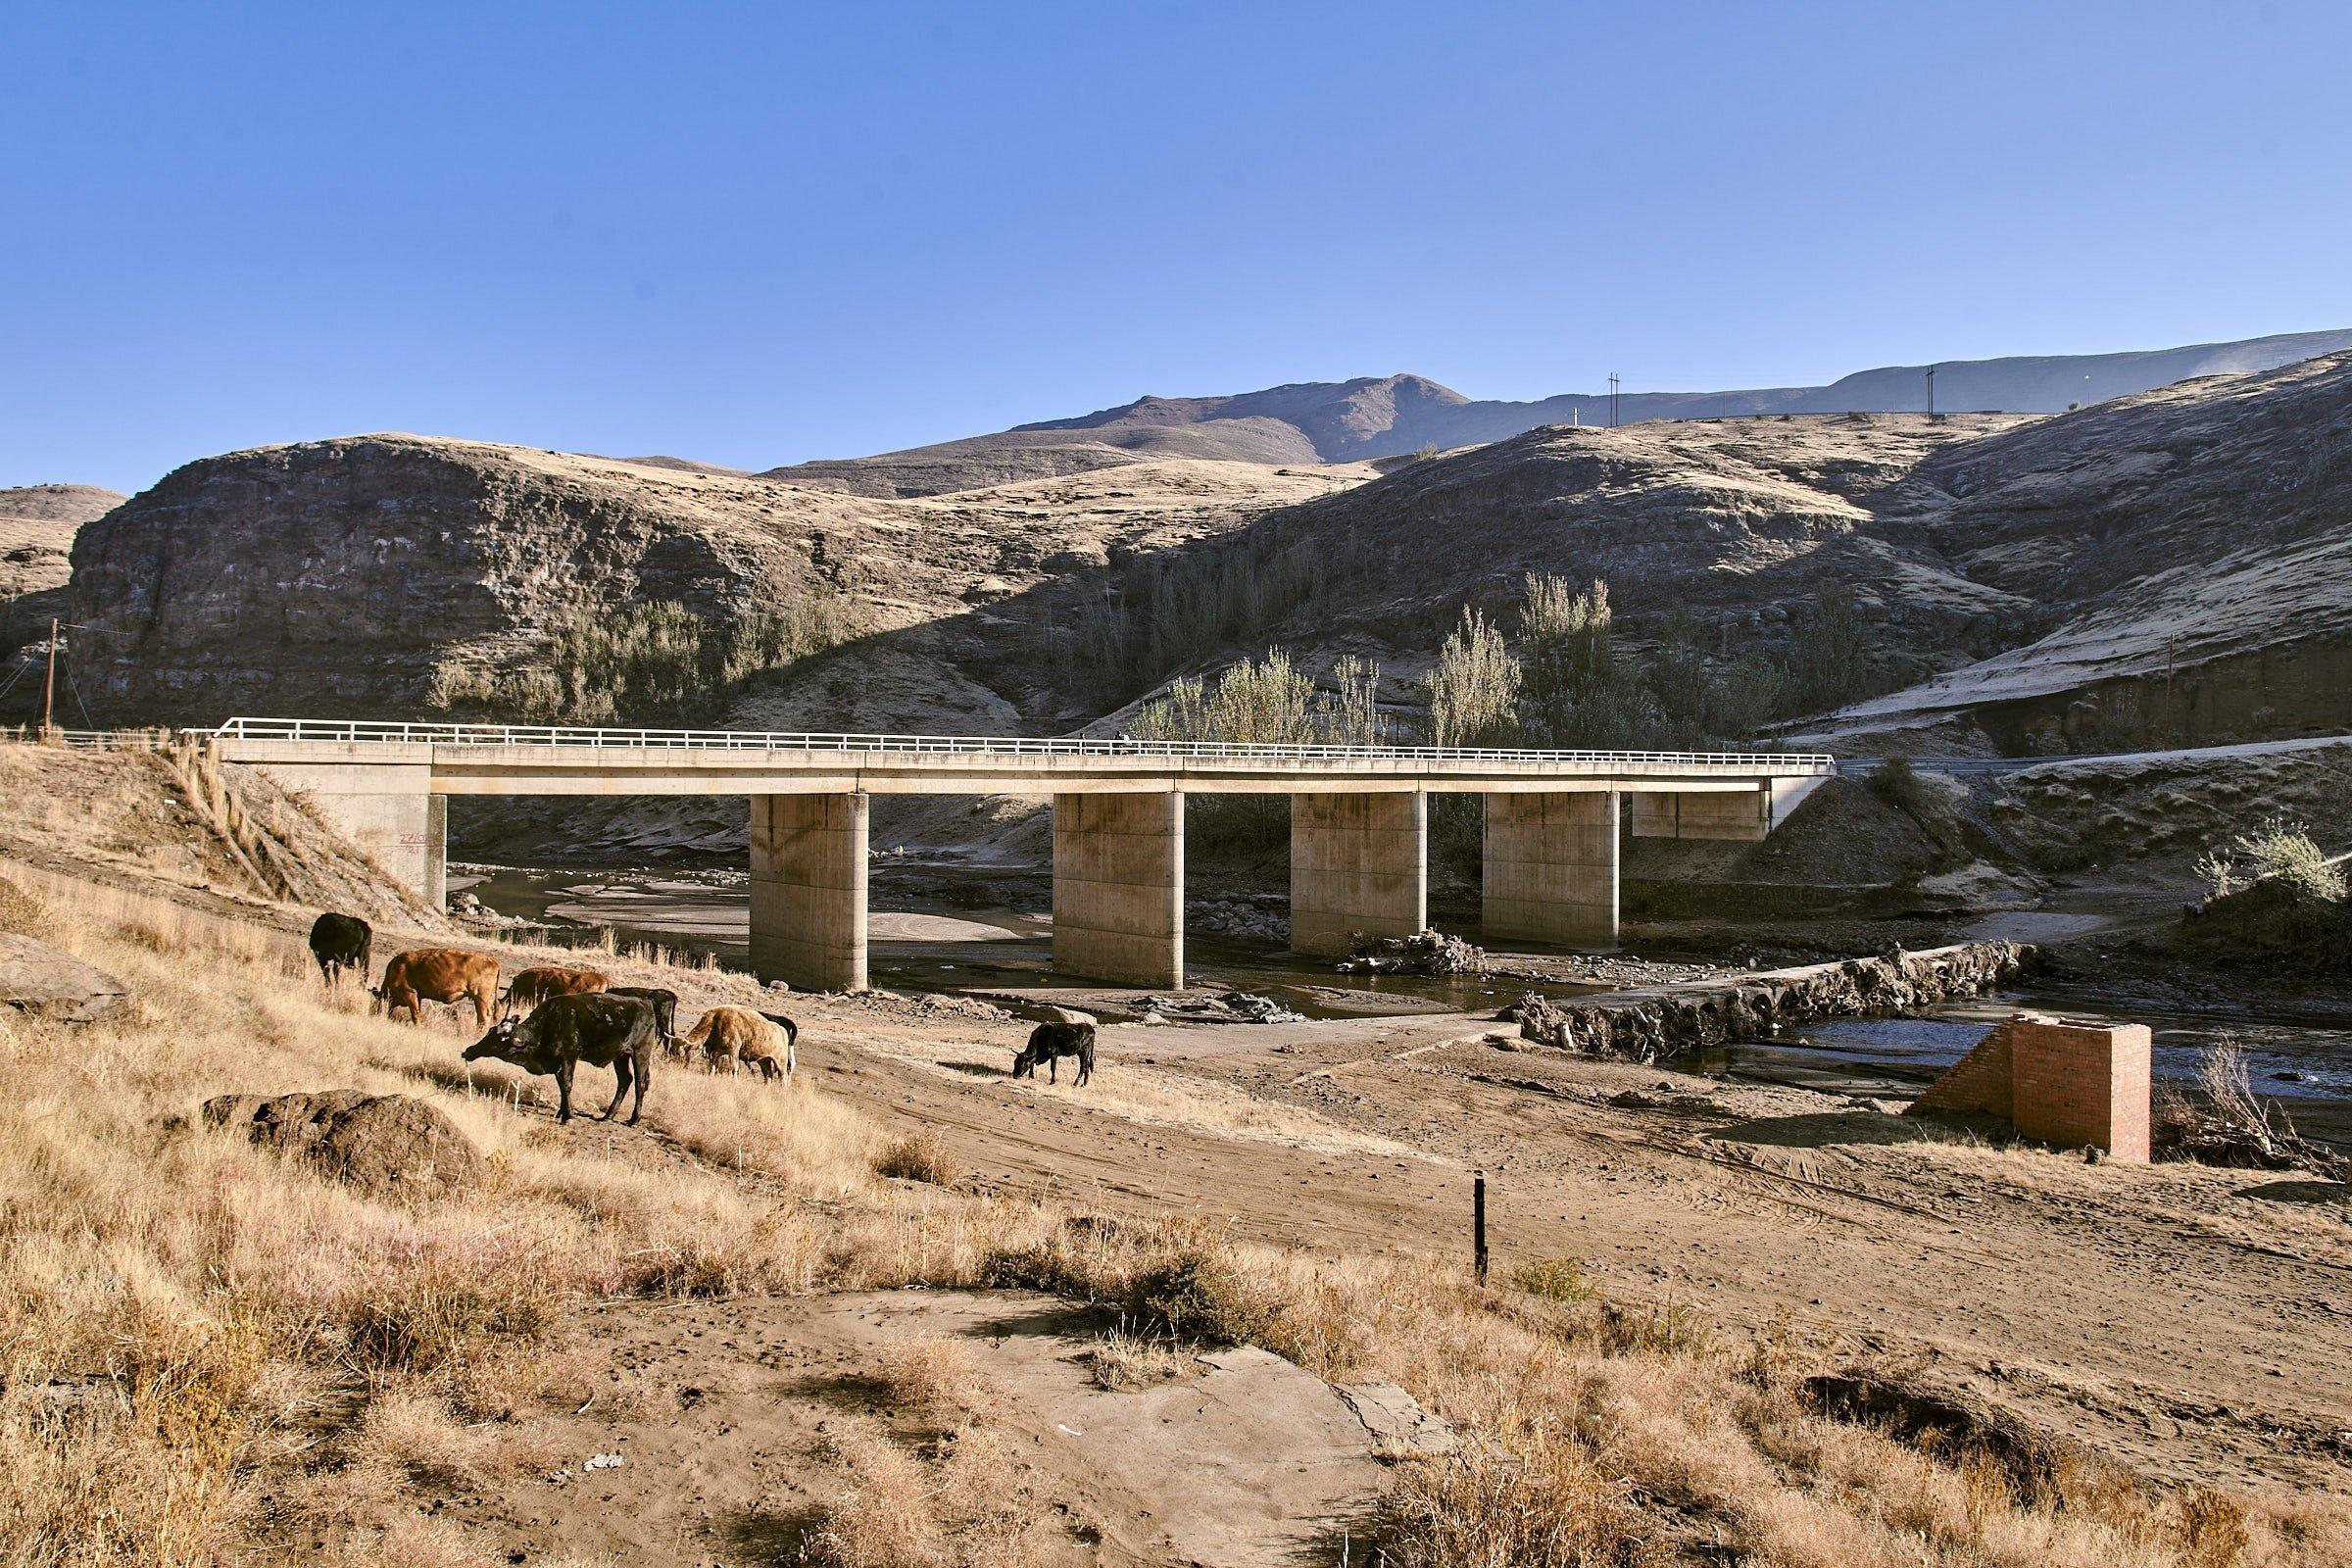 Eine Betonbrücke führt über den Senqu-Fluss, am Ufer grasen Kühe